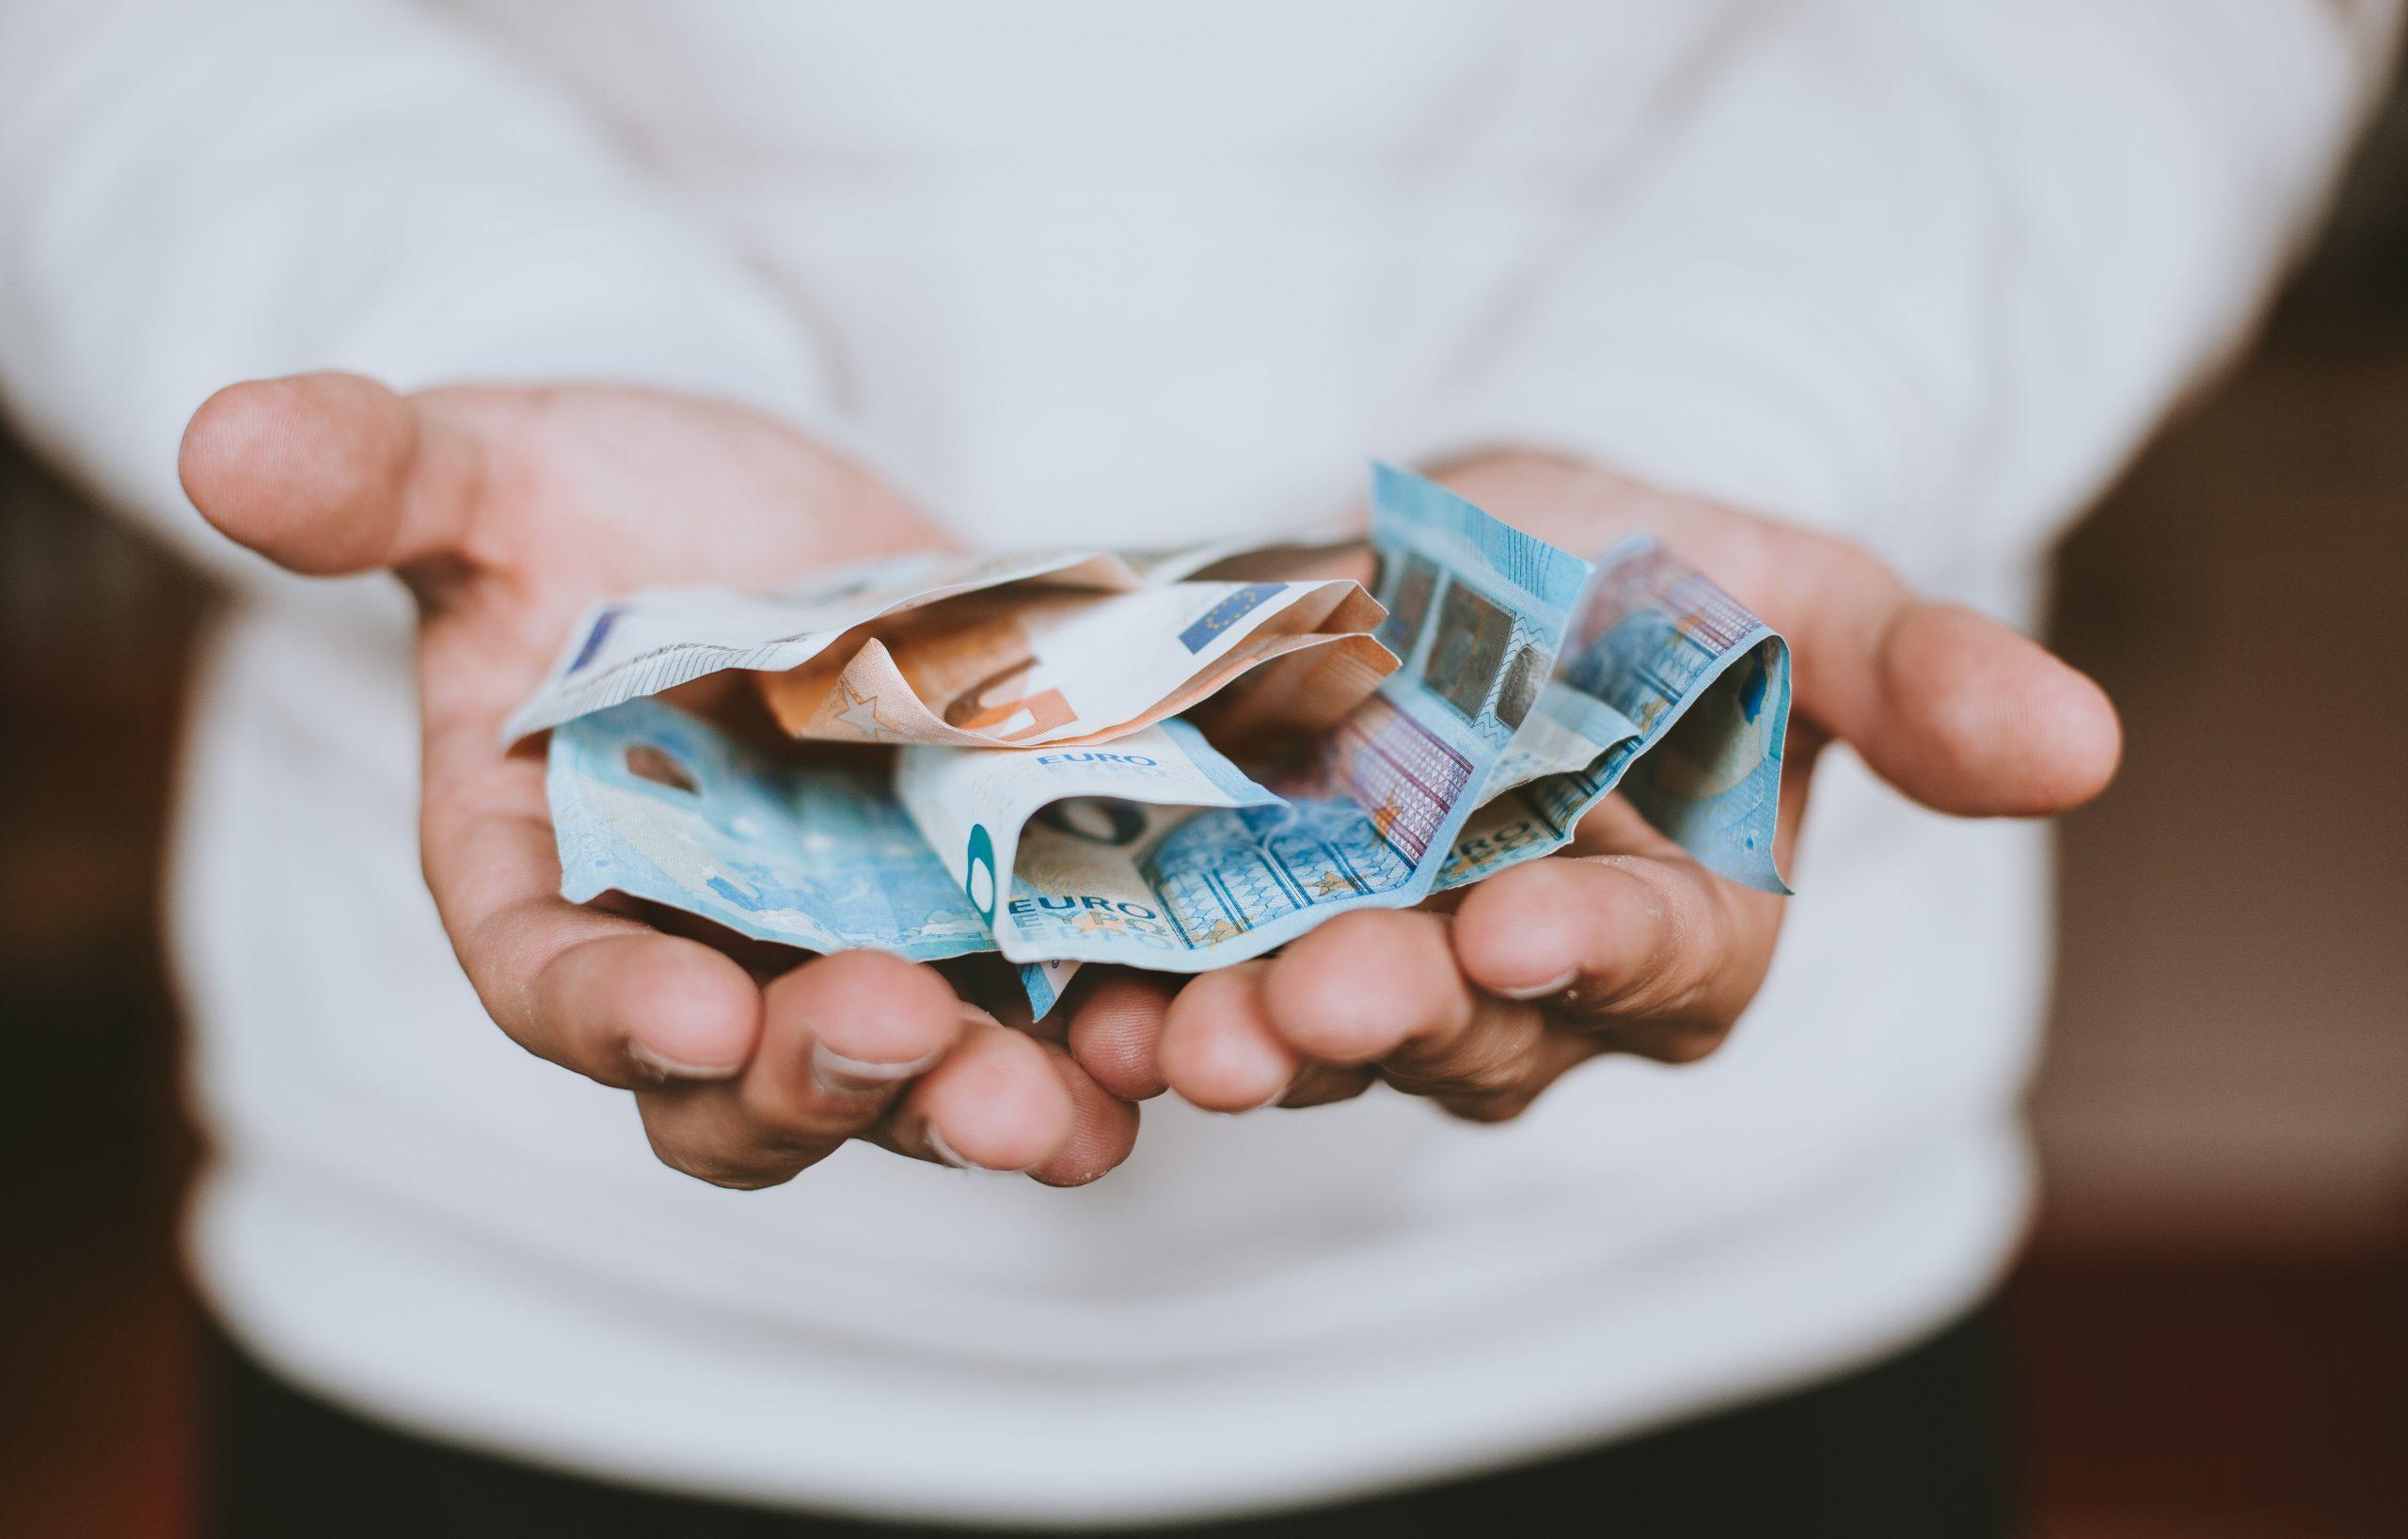 Wat is een money mule?